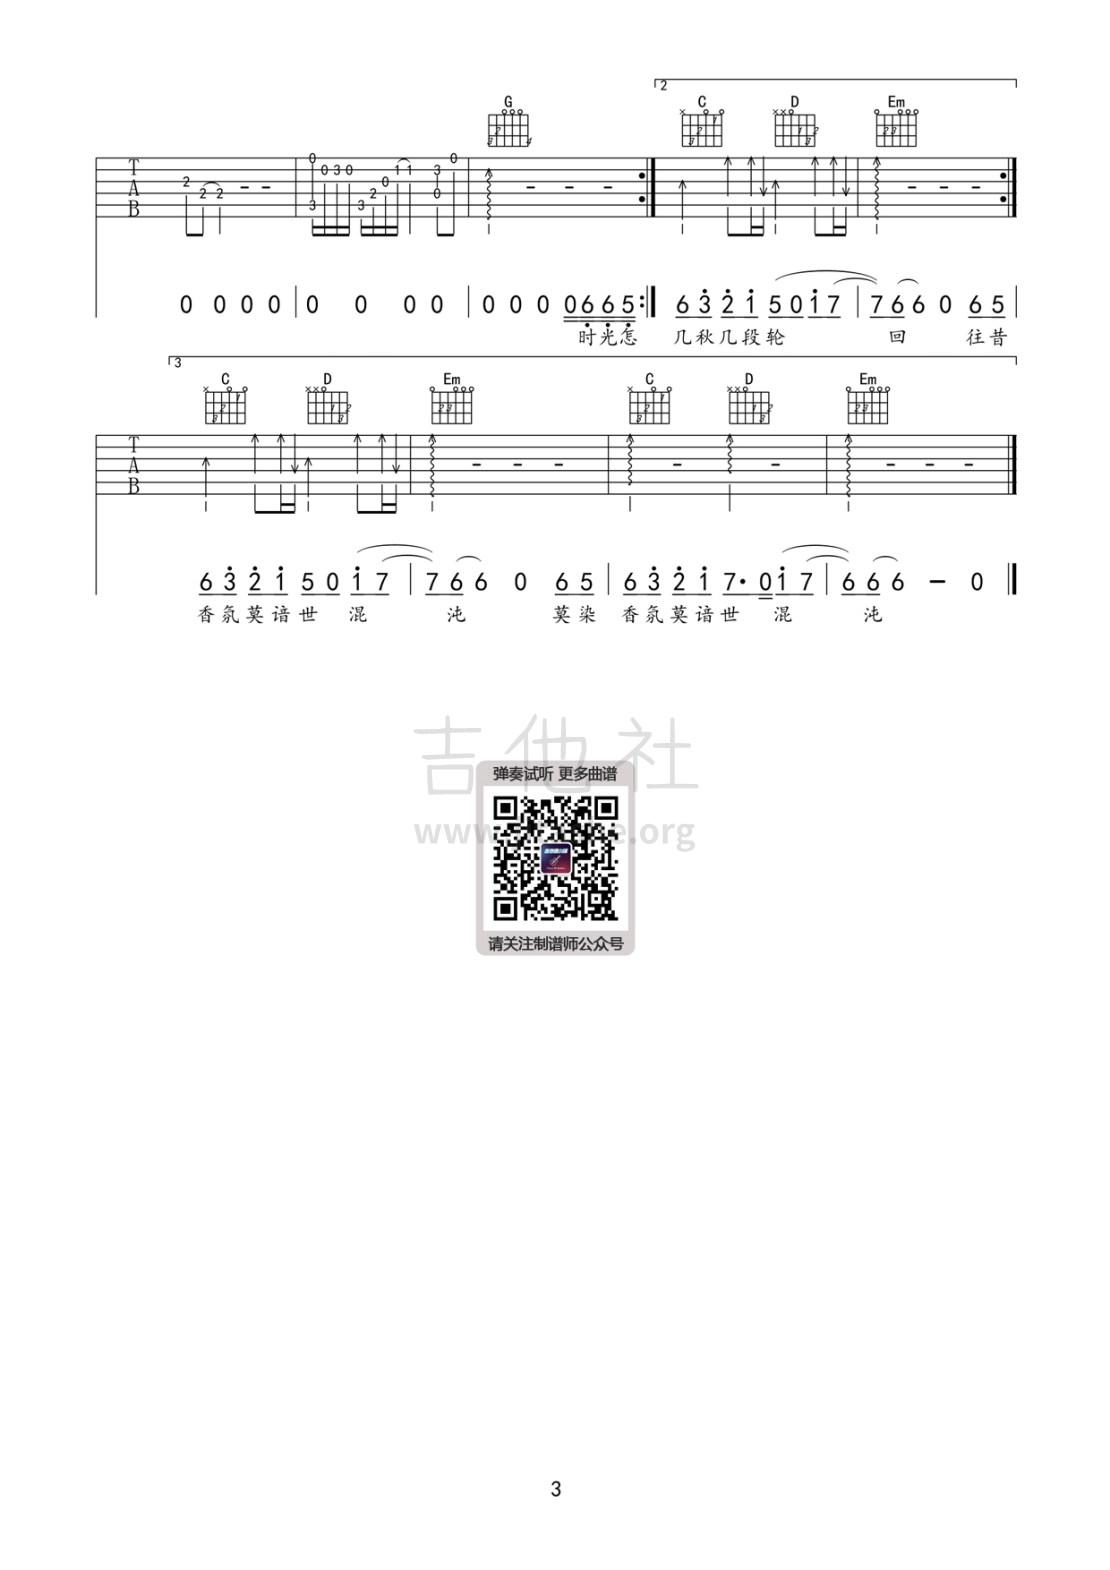 美人画卷(弹唱谱)吉他谱(图片谱,弹唱,简单版,伴奏)_闻人听書_美人画卷3.jpg